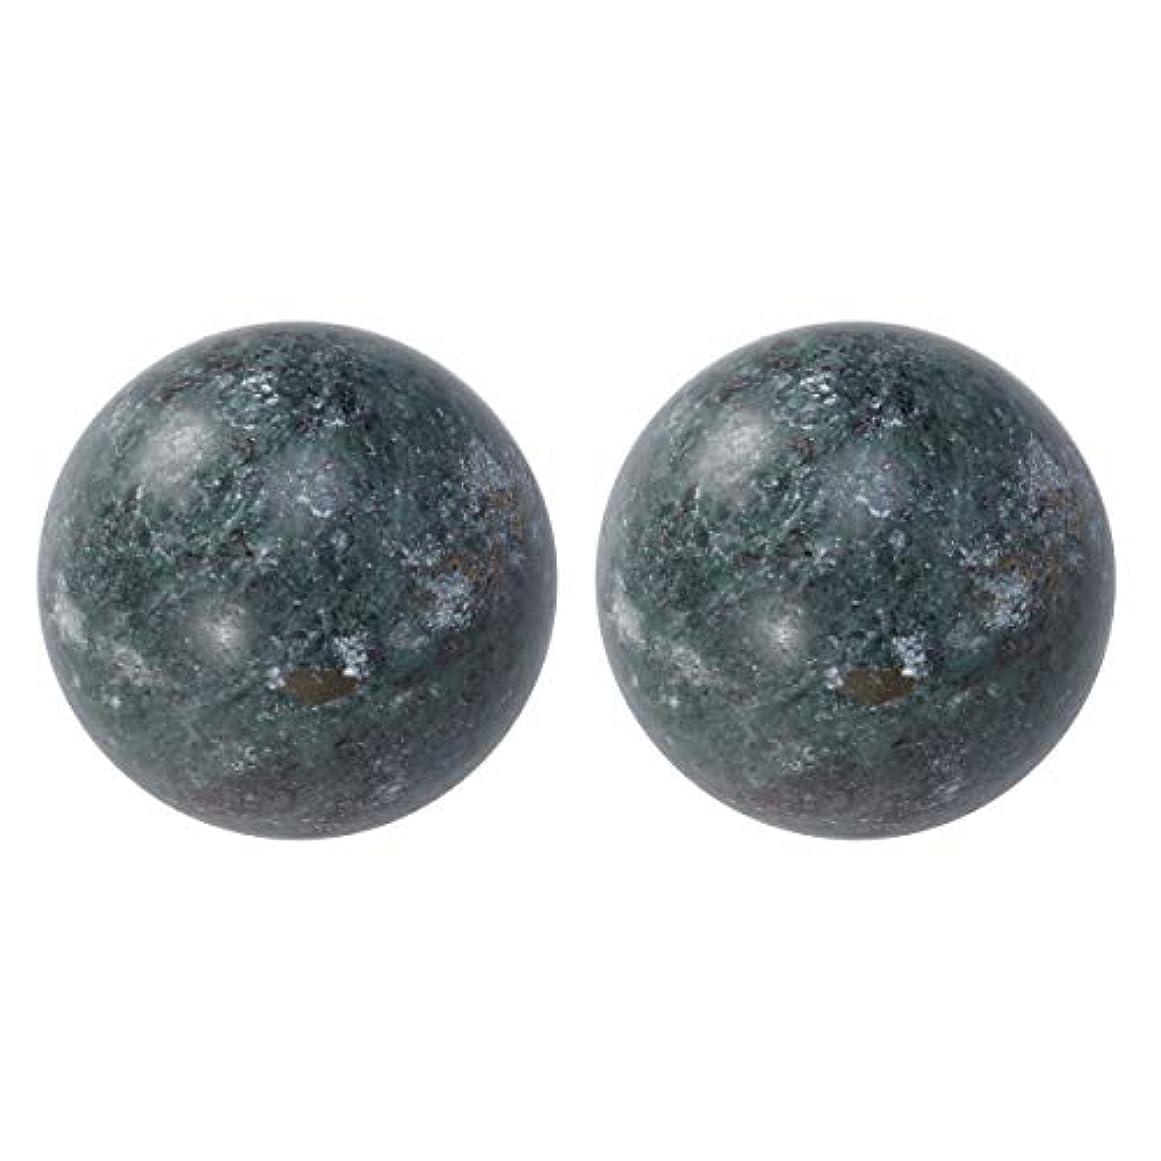 磨かれた知り合いクライマックスROSENICE 高齢者ボールジェイドハンドボール健康運動ボールストレスレリーフ2個(黒)